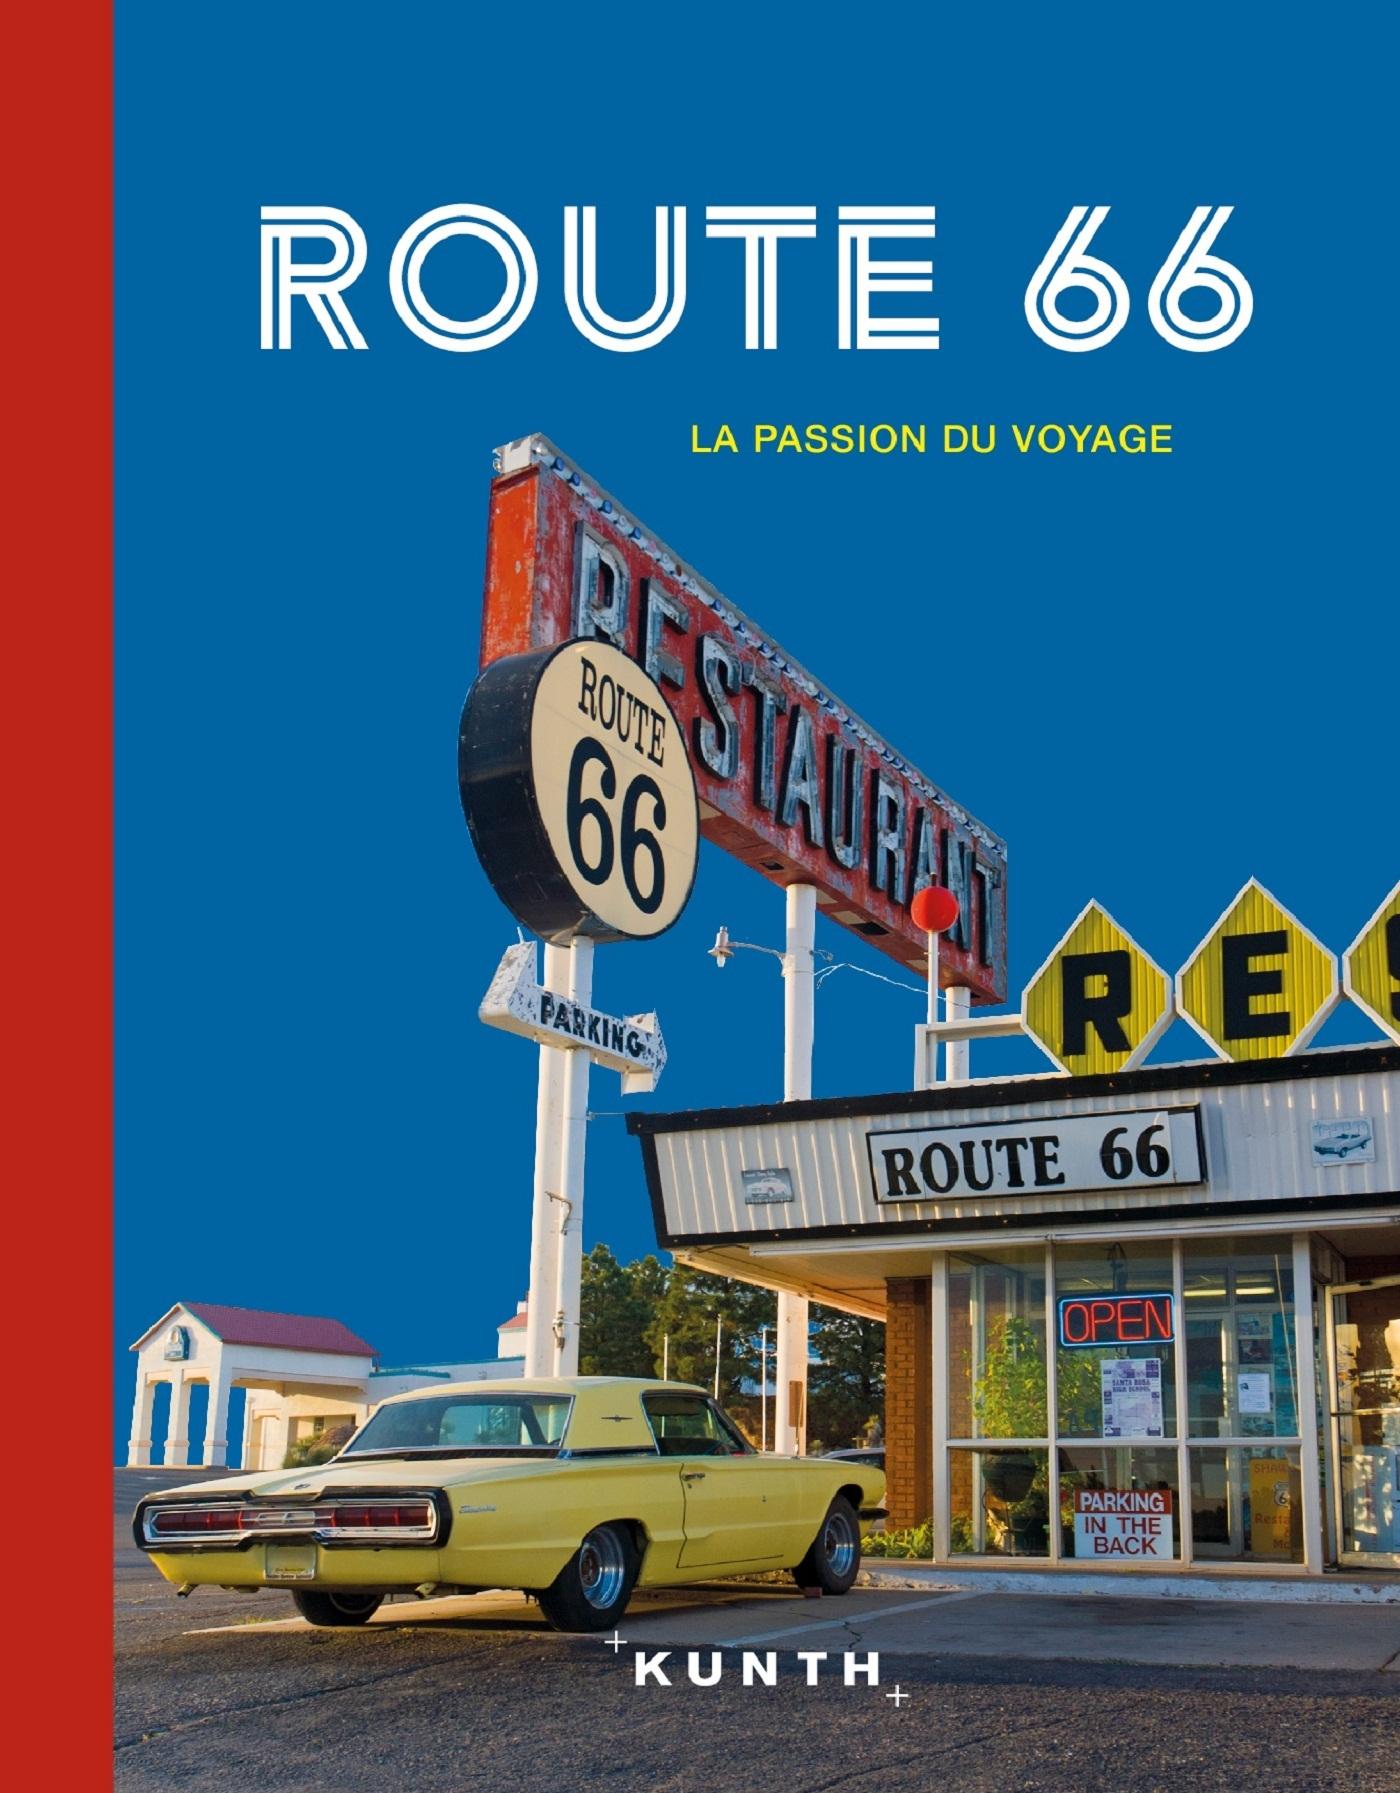 ROUTE 66 - LA PASSION DU VOYAGE